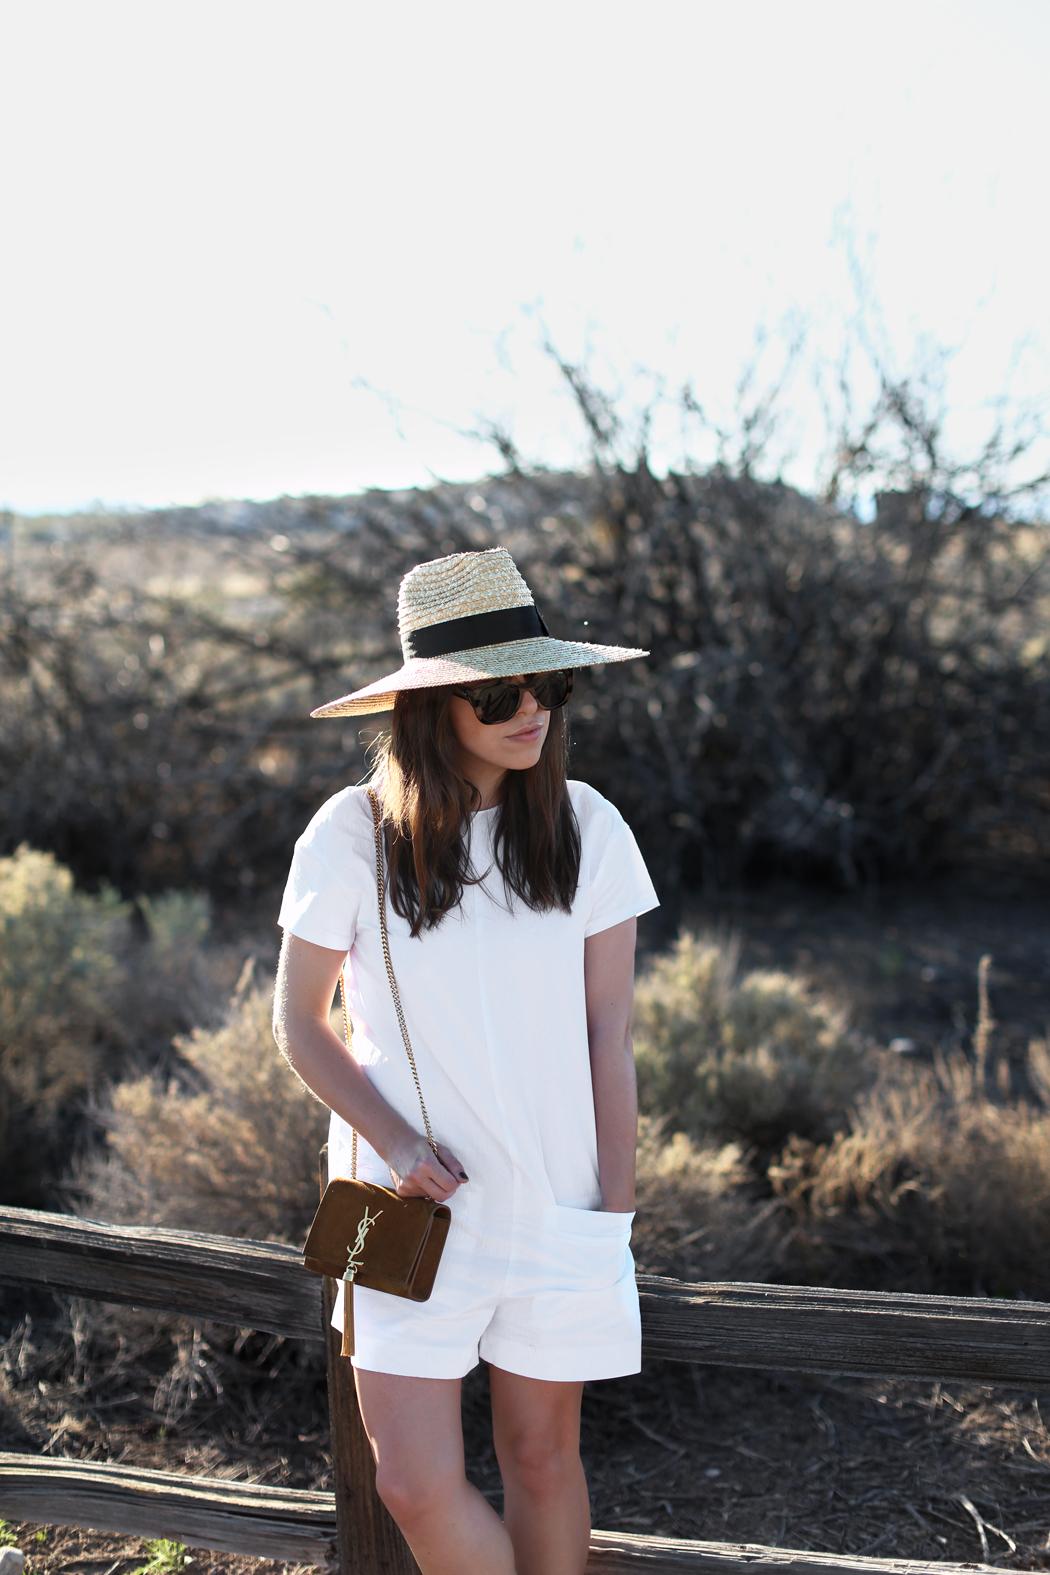 Roadtrip Outfit Saint Laurent Bag